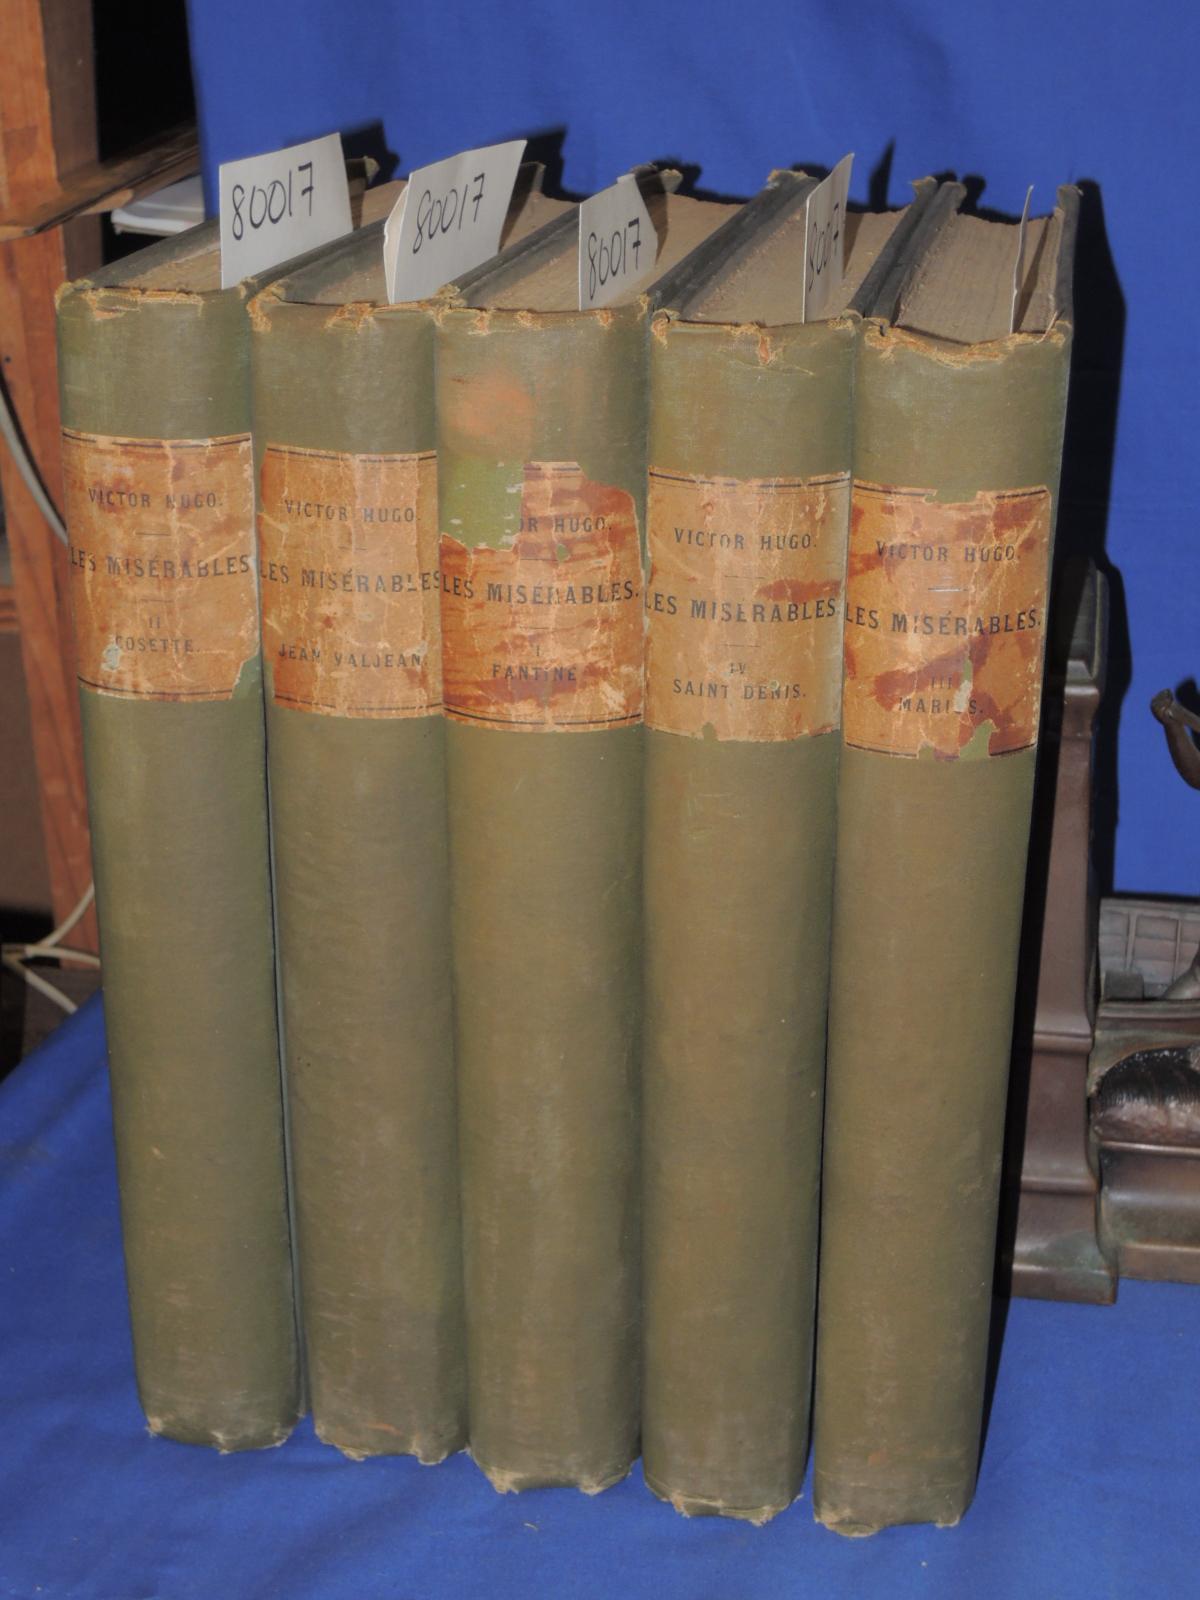 Hugo, Victor: Les Miserables 5 volume set